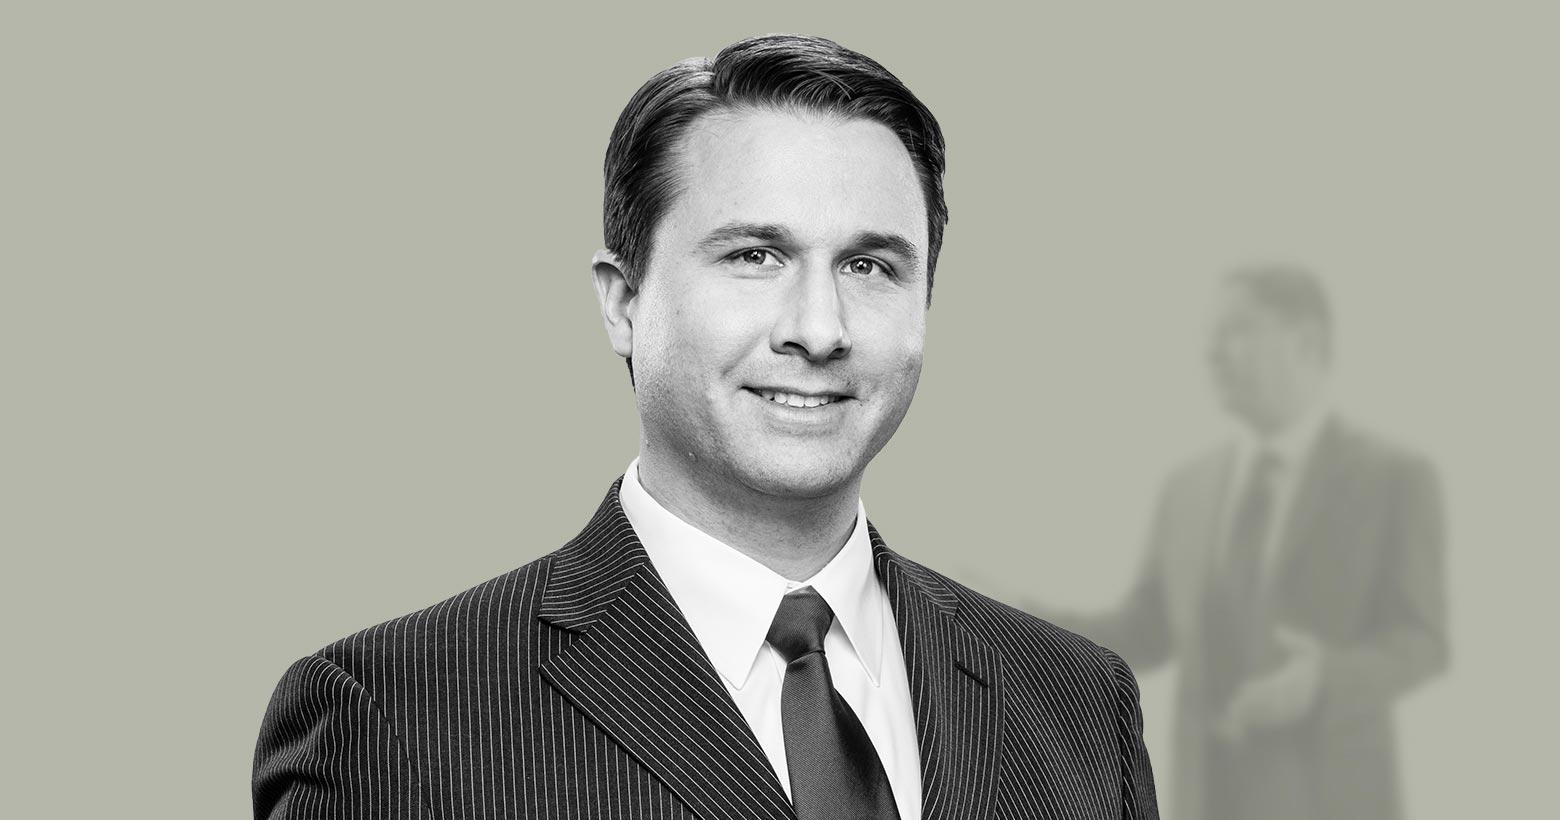 Edgar J. Lewandowski